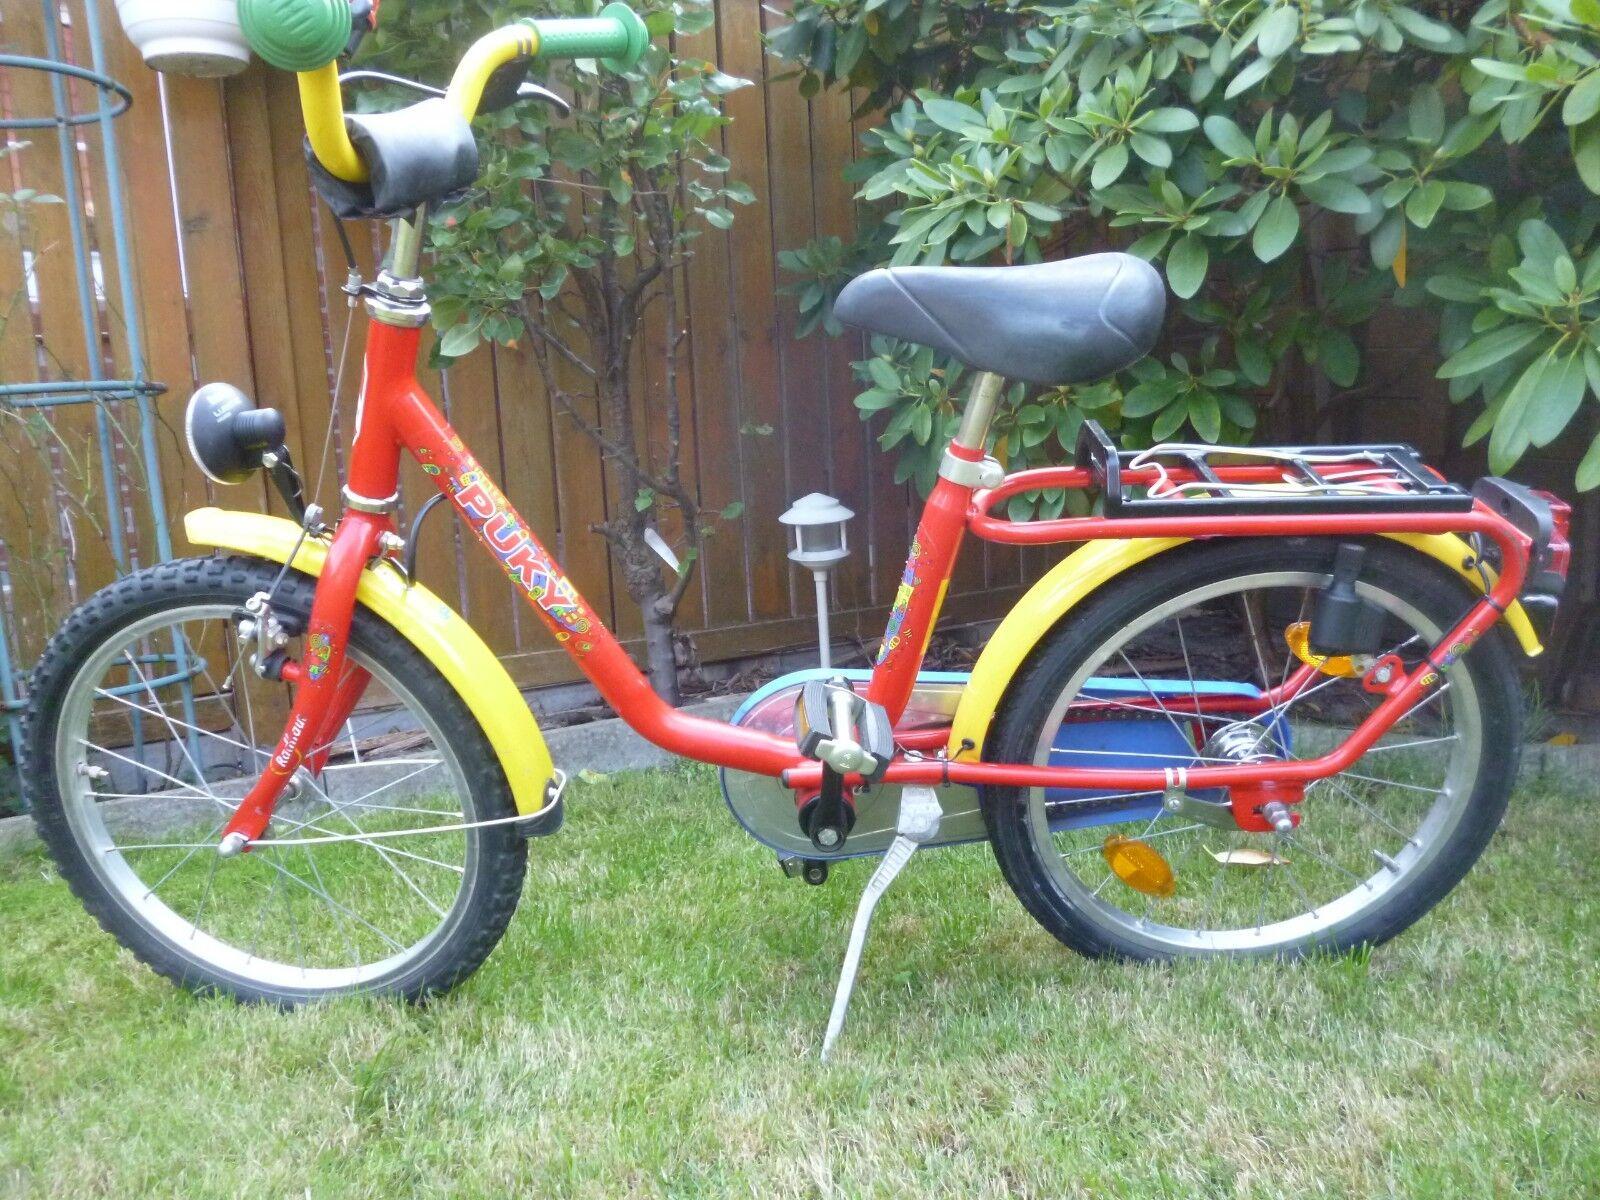 Puky 18 Zoll Kinderfahrrad Kinderrad Fahrrad Rad mit Licht & Dynamo ausgestattet